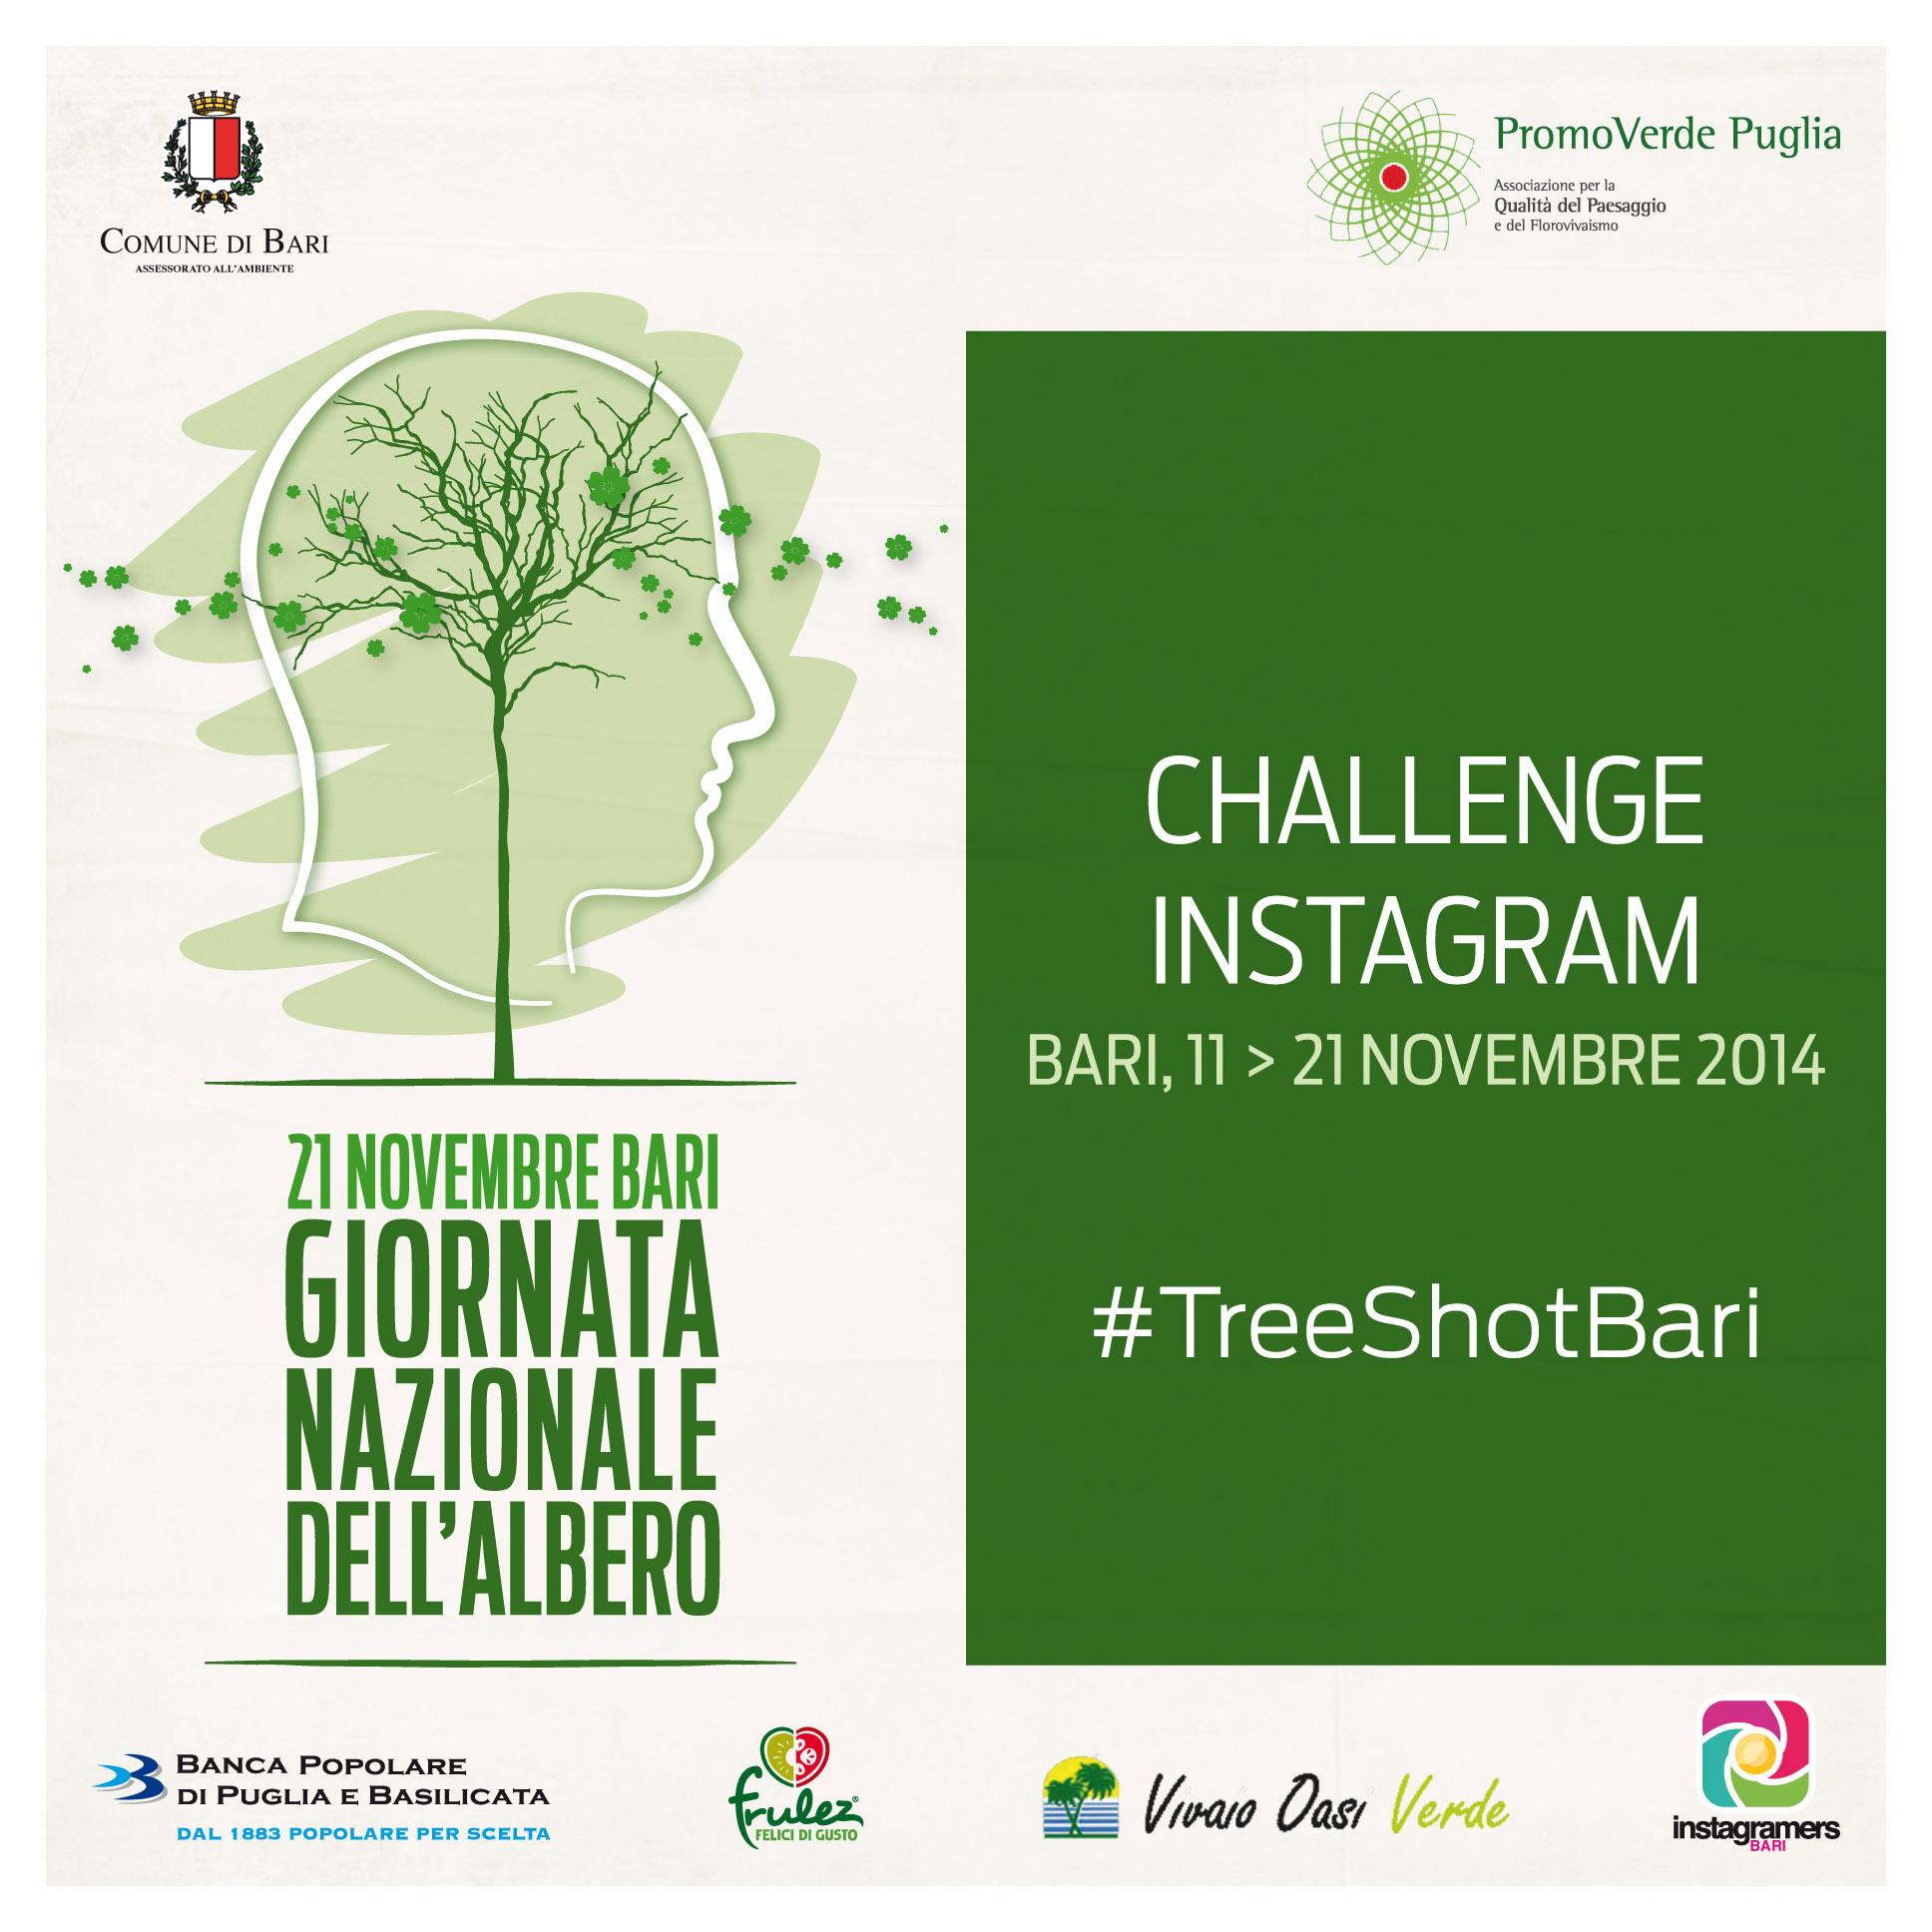 Locandina challenge #TreeShotBari